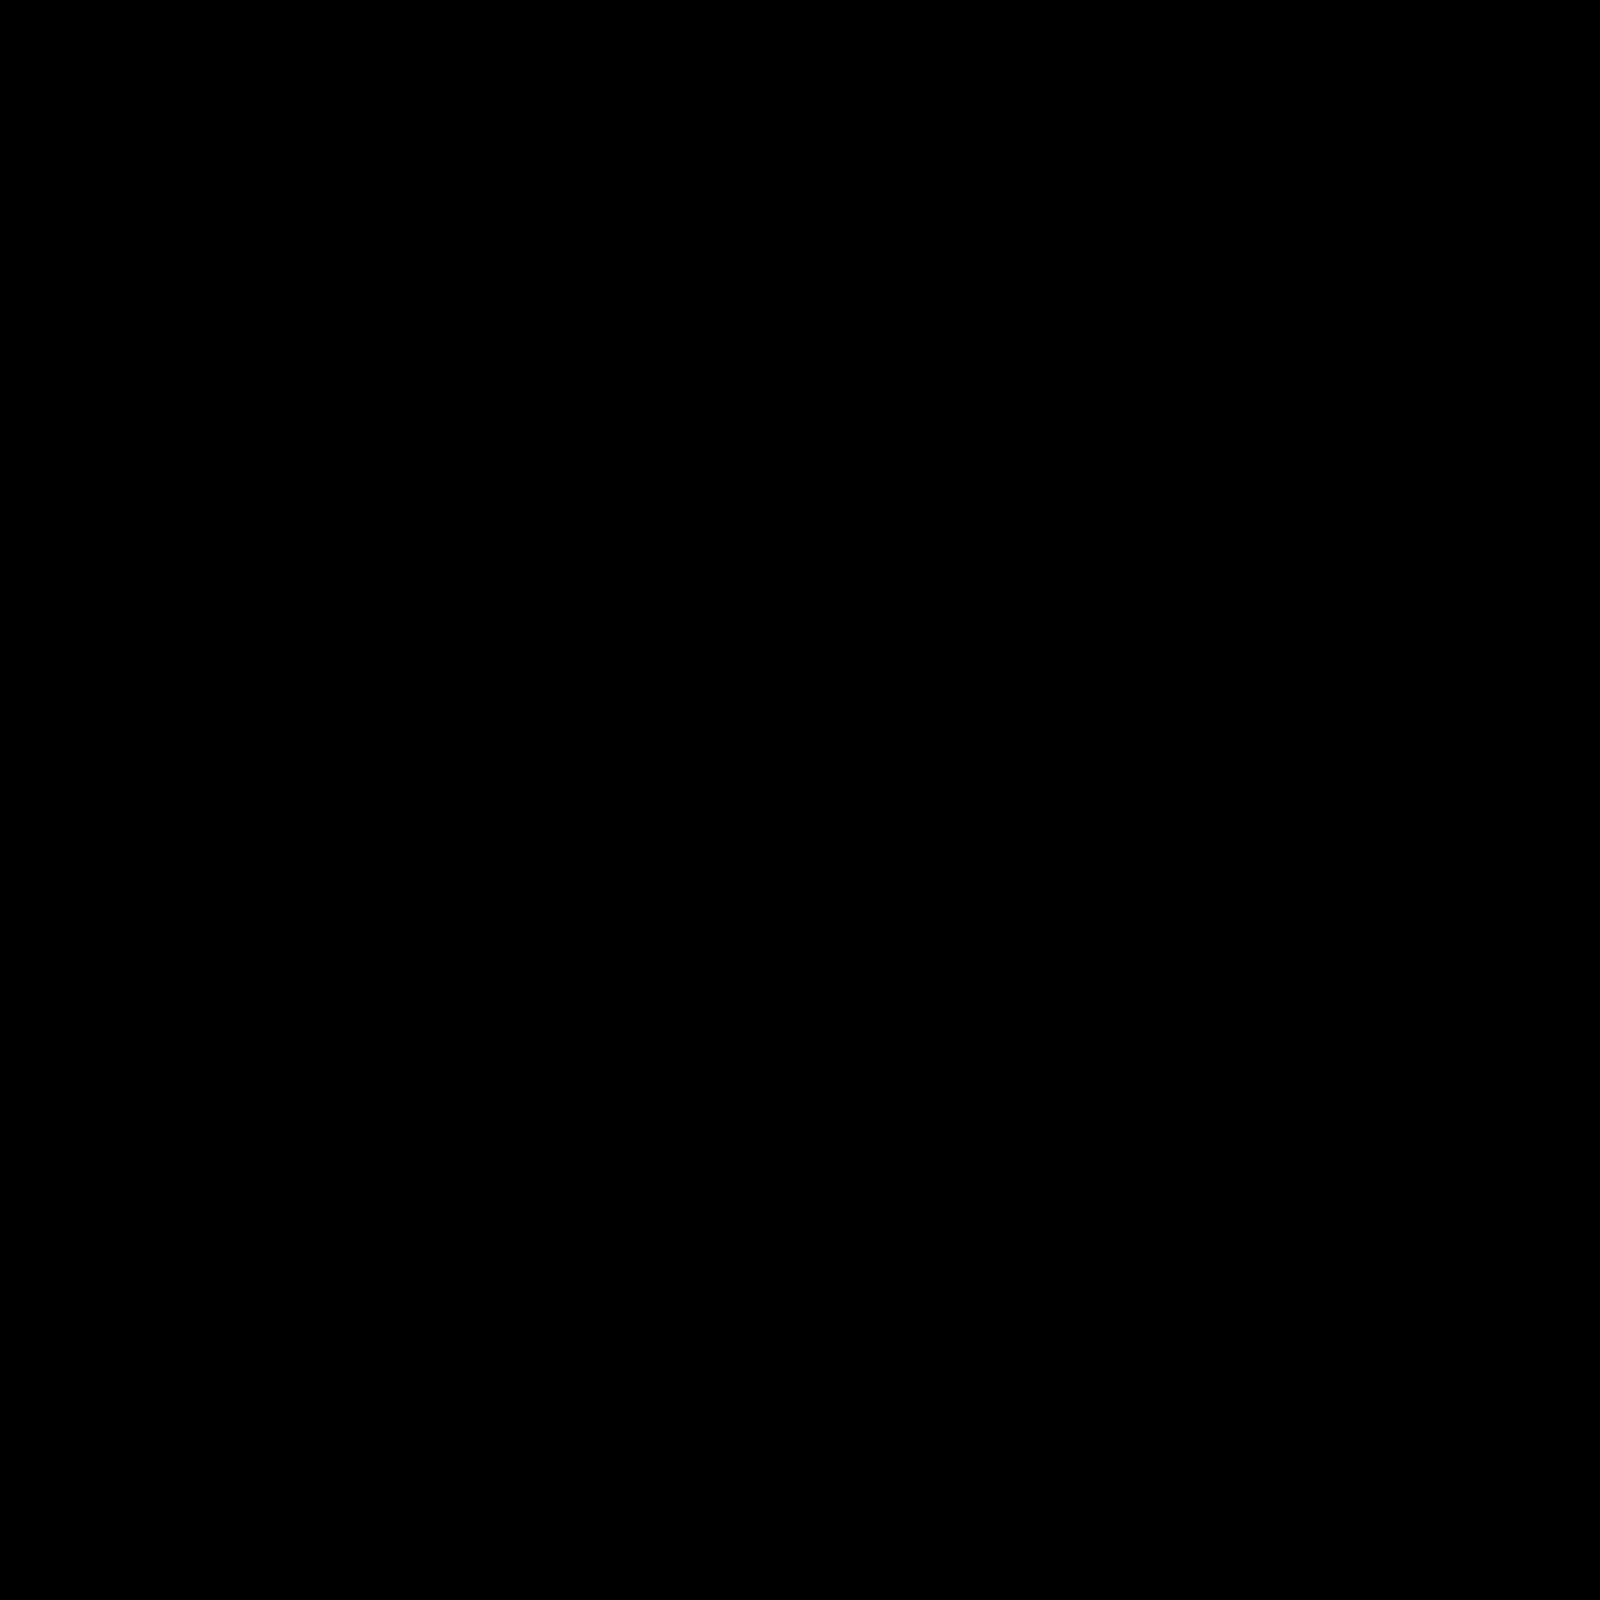 Cerclé 1 C icon